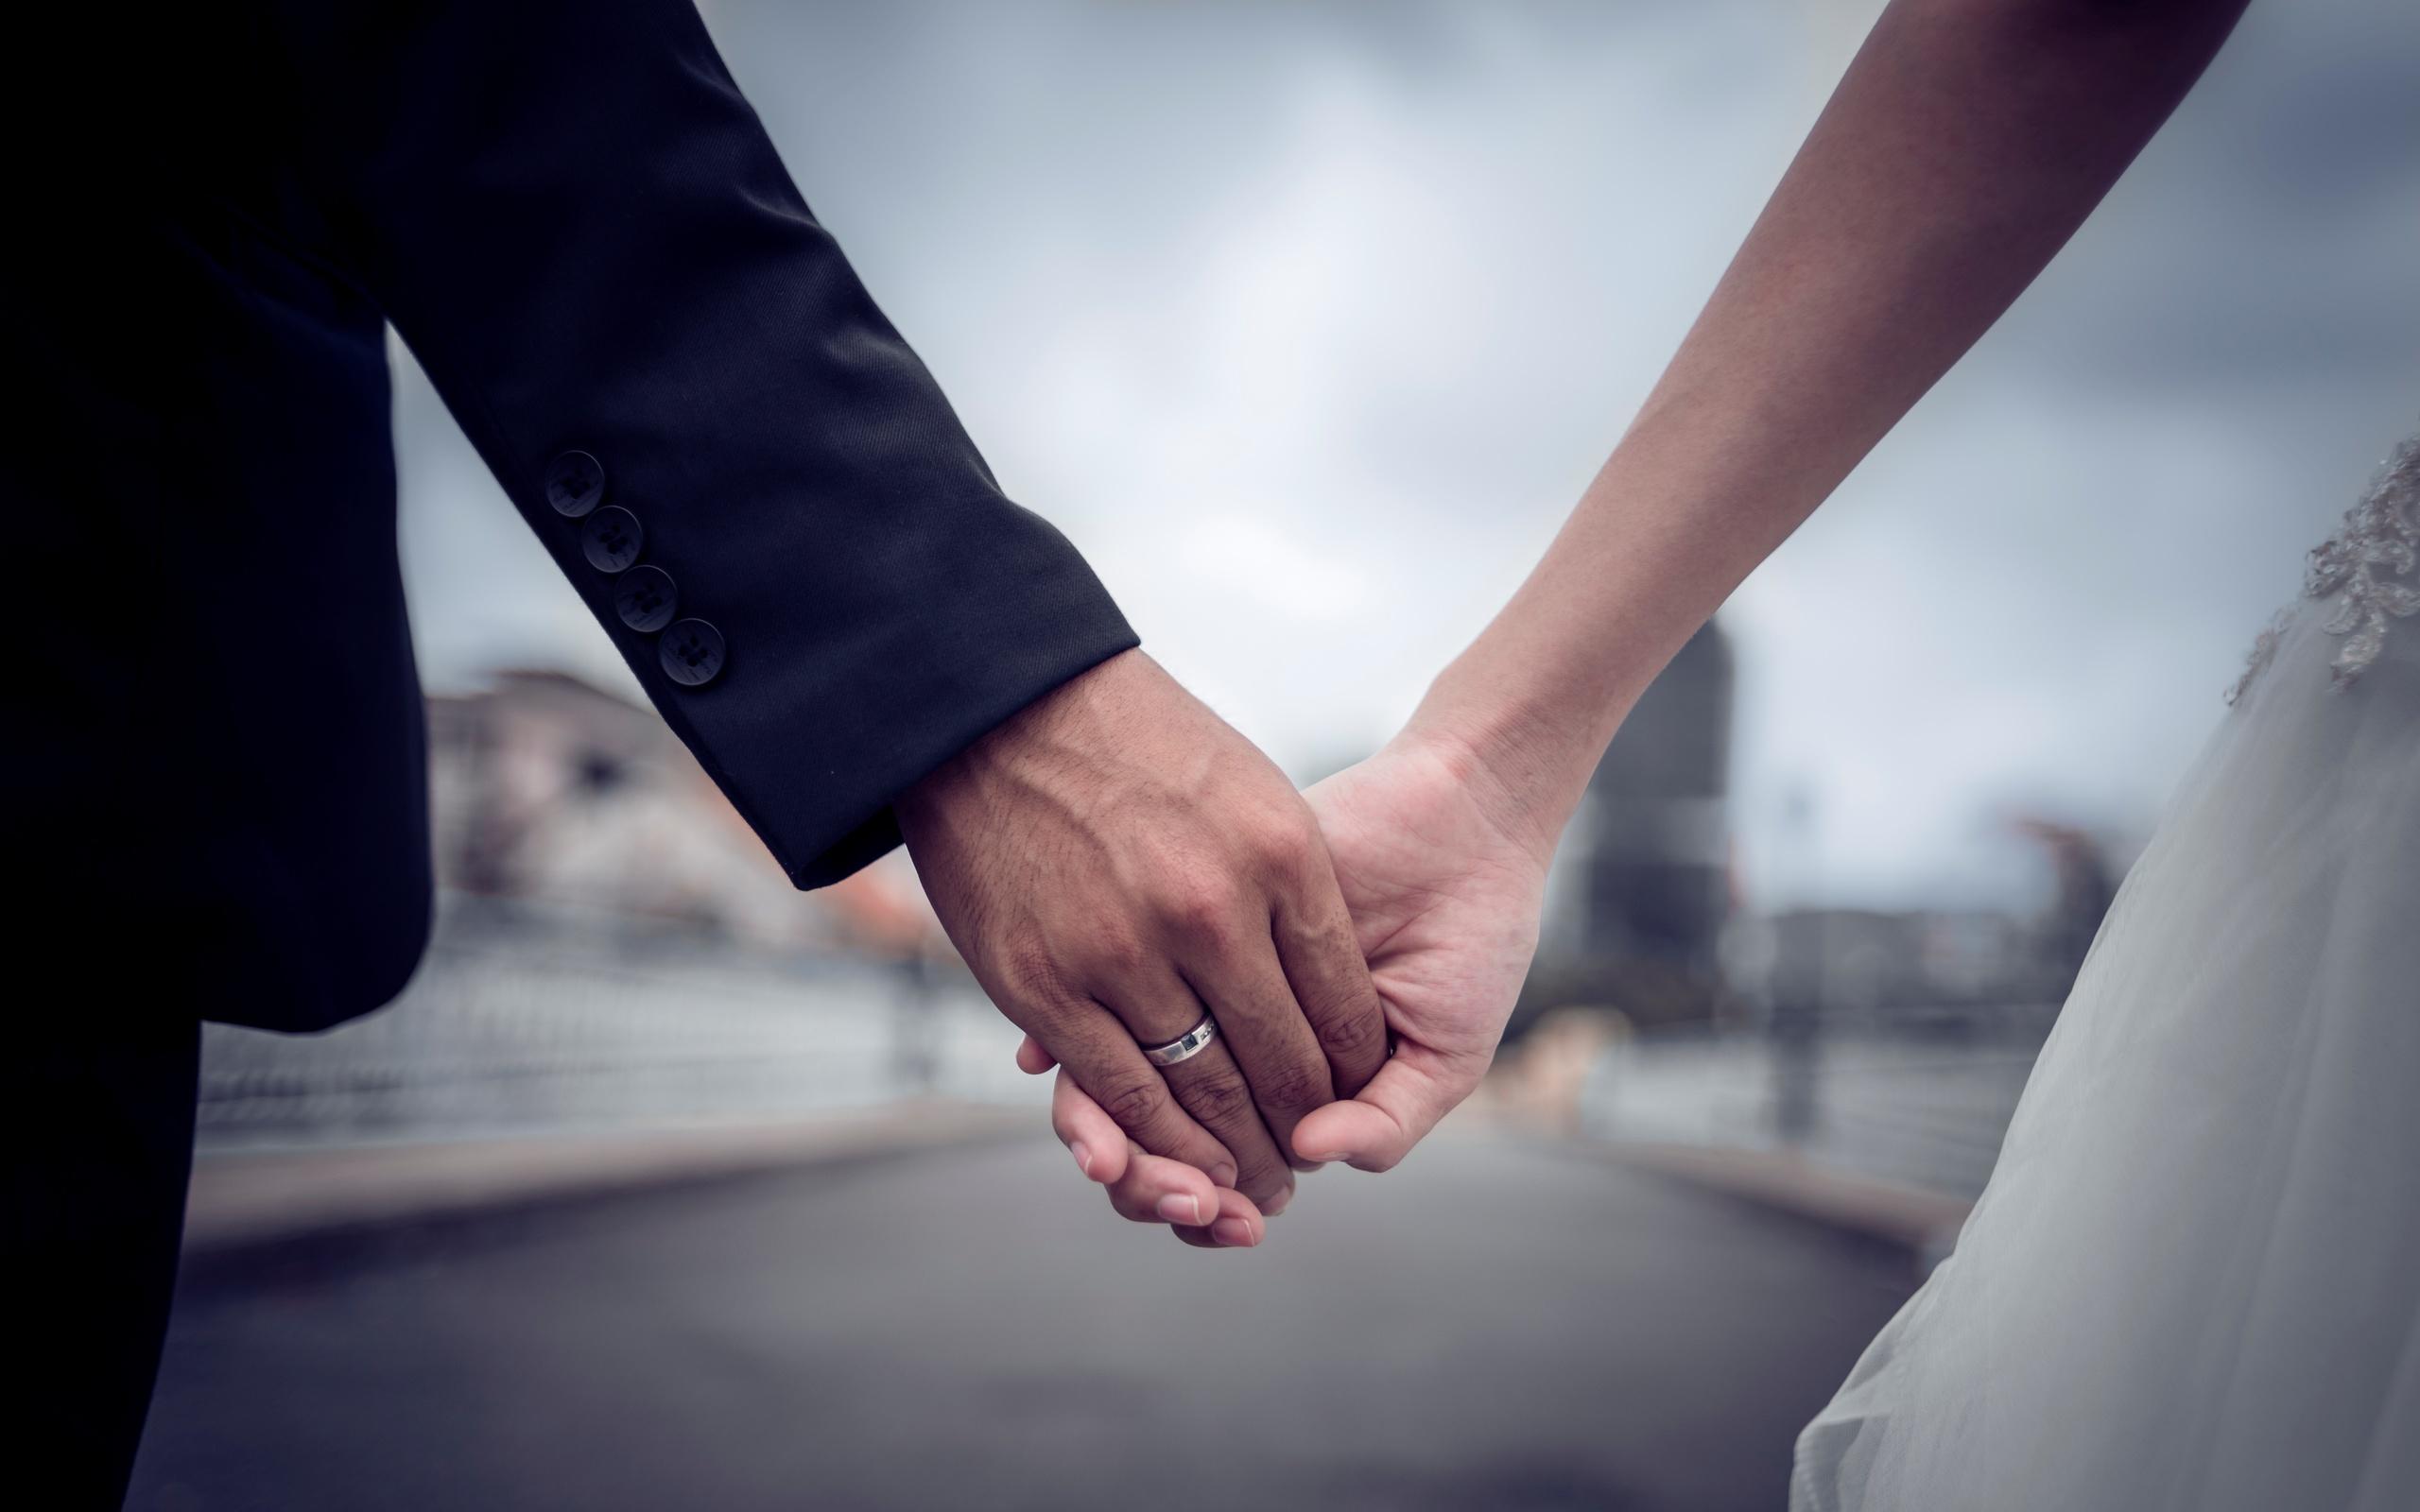 картинки о любви с кольцами основном гости